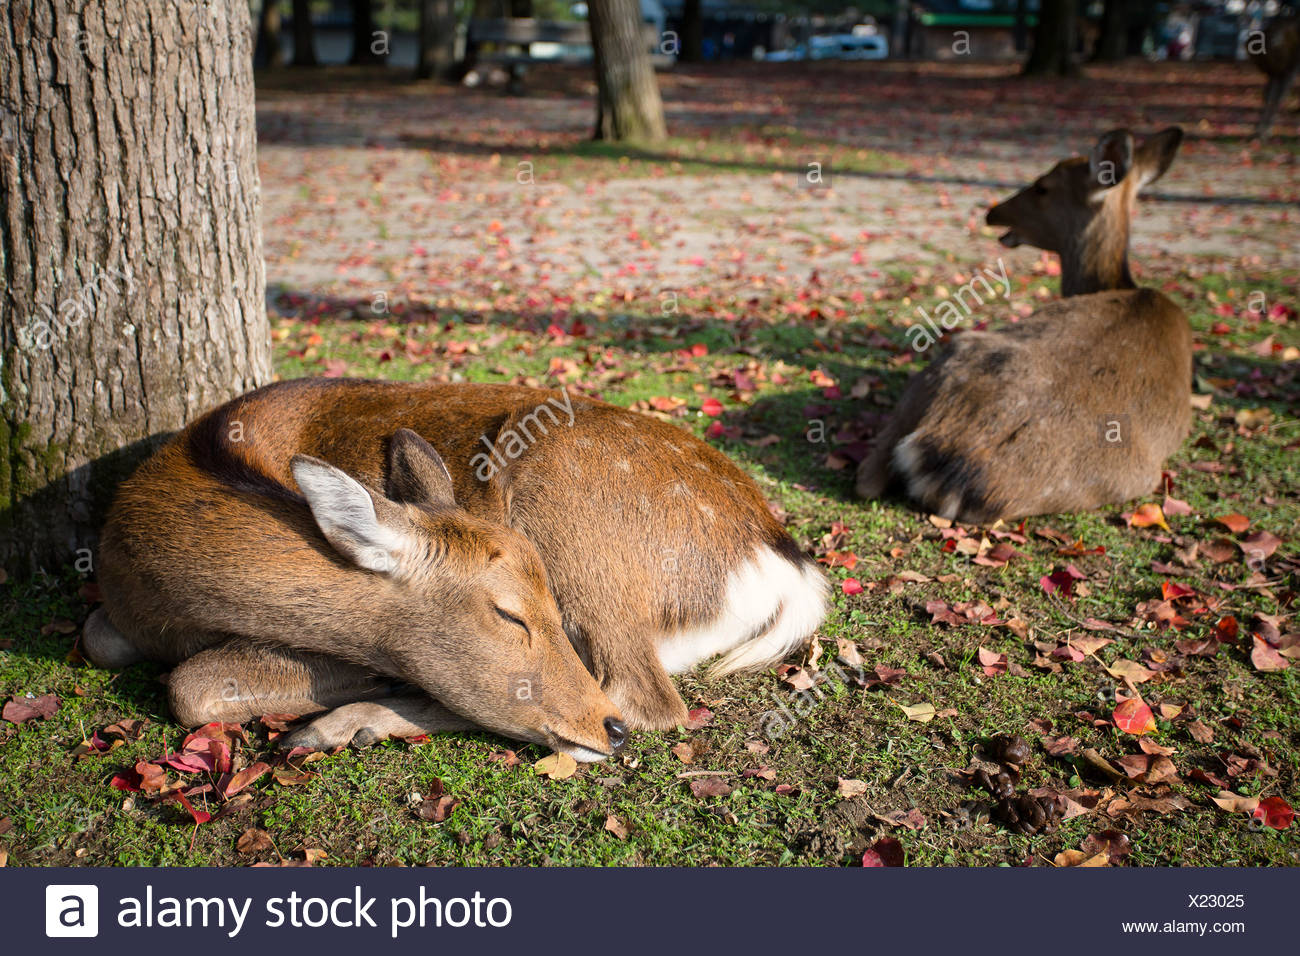 Japan, Kinki Region, Soraku District, Nara, Okuyama driveway, Bambi deers lying under tree - Stock Image